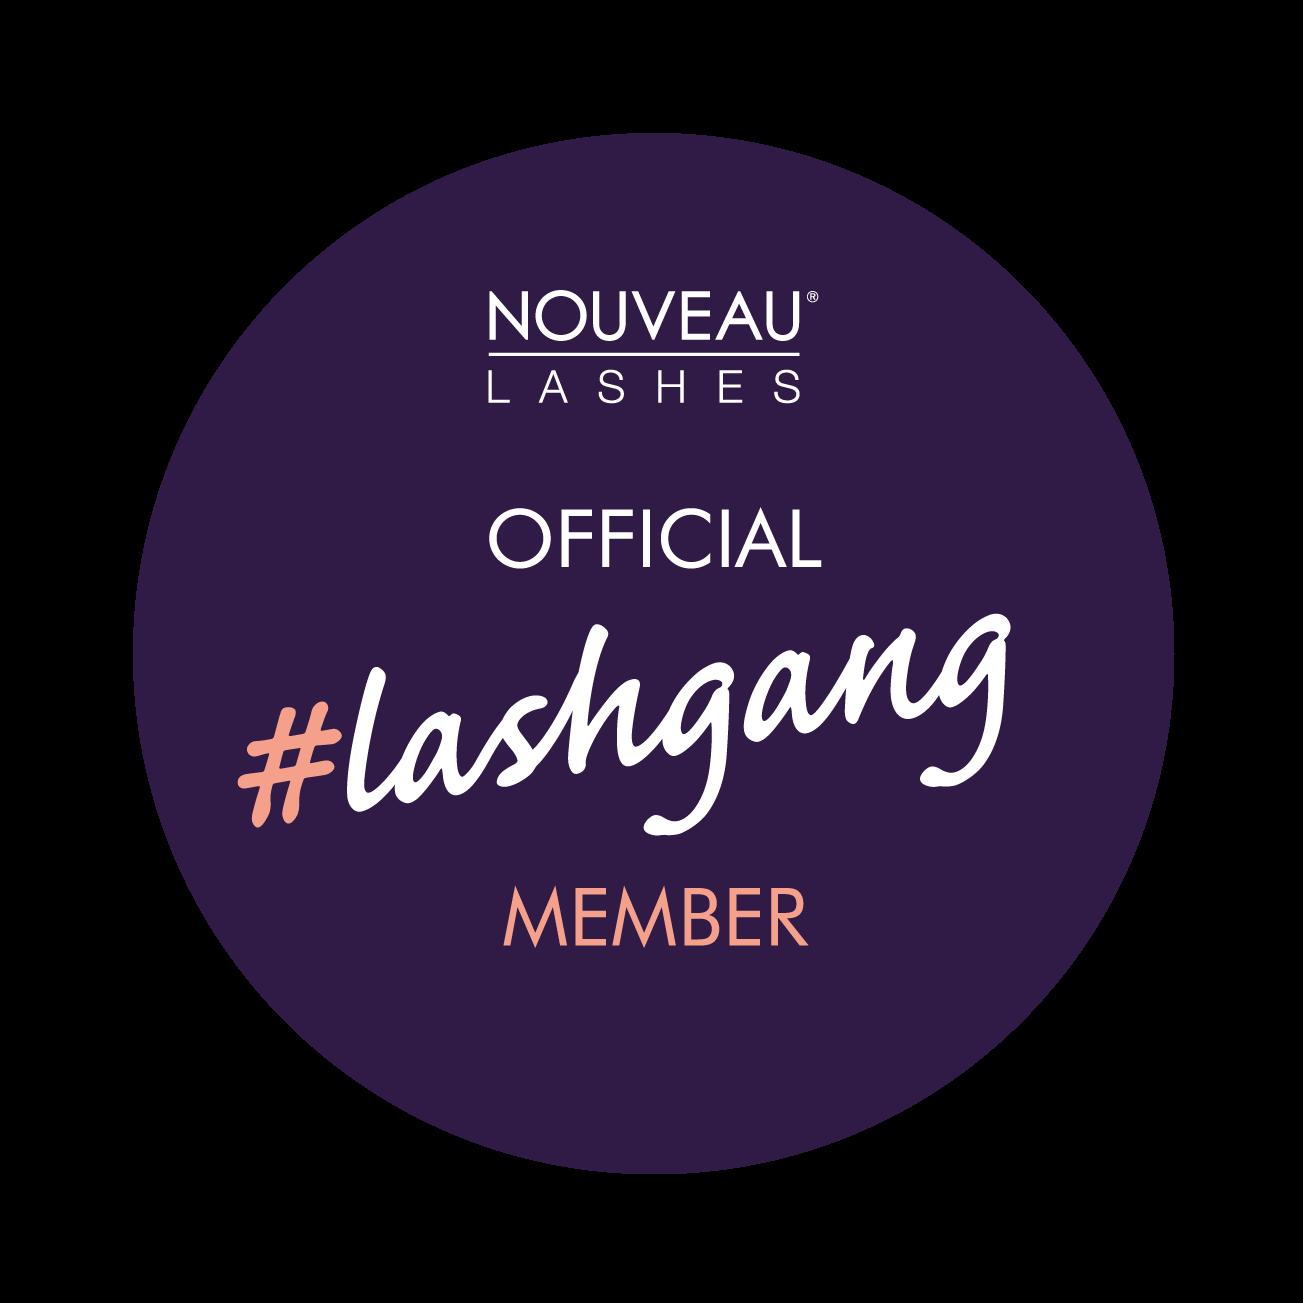 #lashgang badge